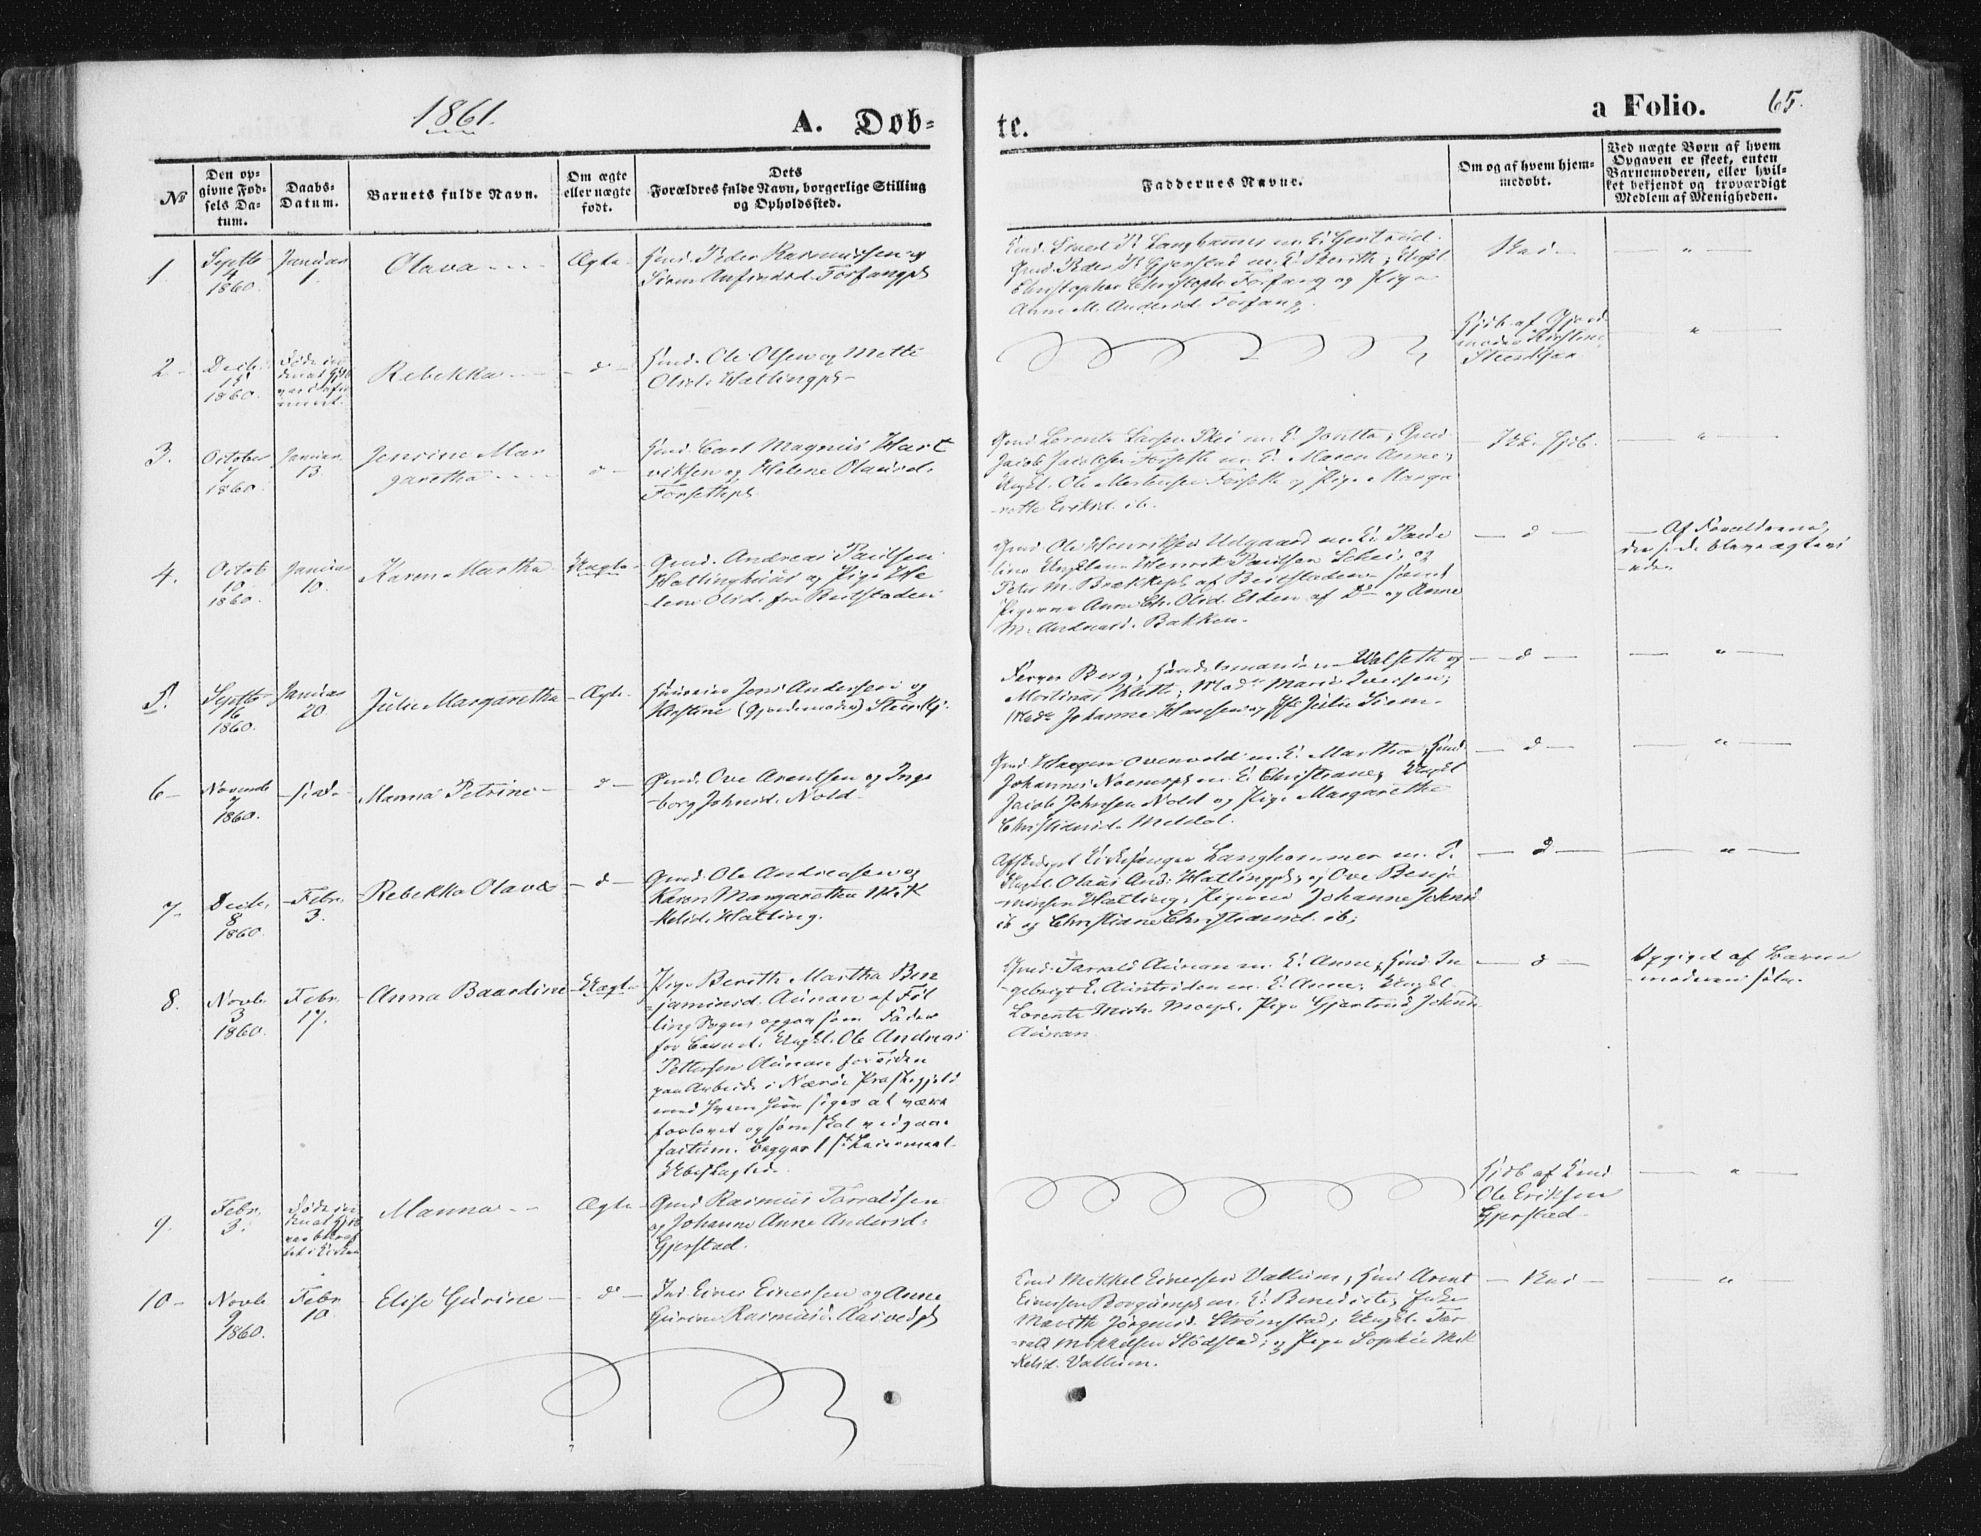 SAT, Ministerialprotokoller, klokkerbøker og fødselsregistre - Nord-Trøndelag, 746/L0447: Ministerialbok nr. 746A06, 1860-1877, s. 65